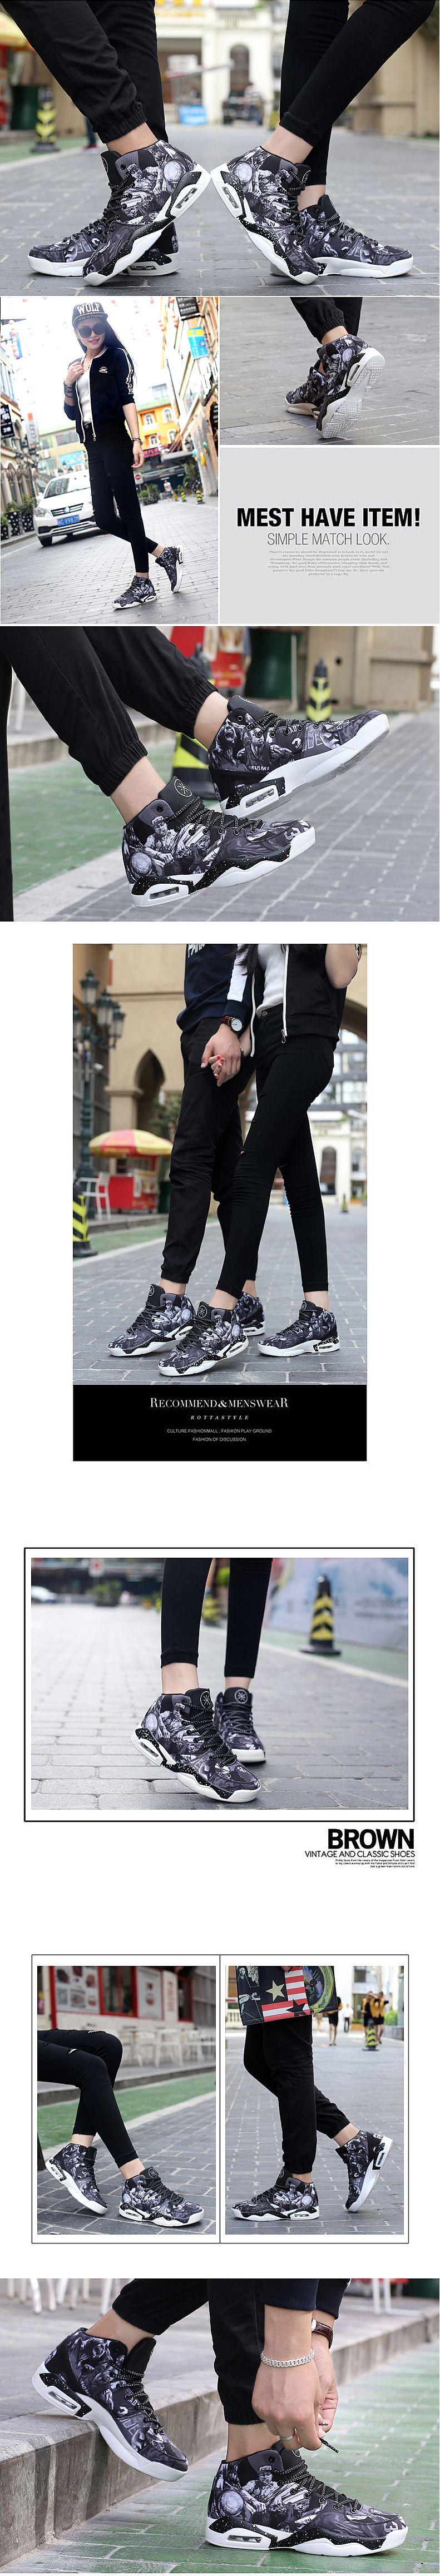 รองเท้าชาย รองเท้าผ้าใบแฟชั่นรองเท้าาบาสเกตบอล